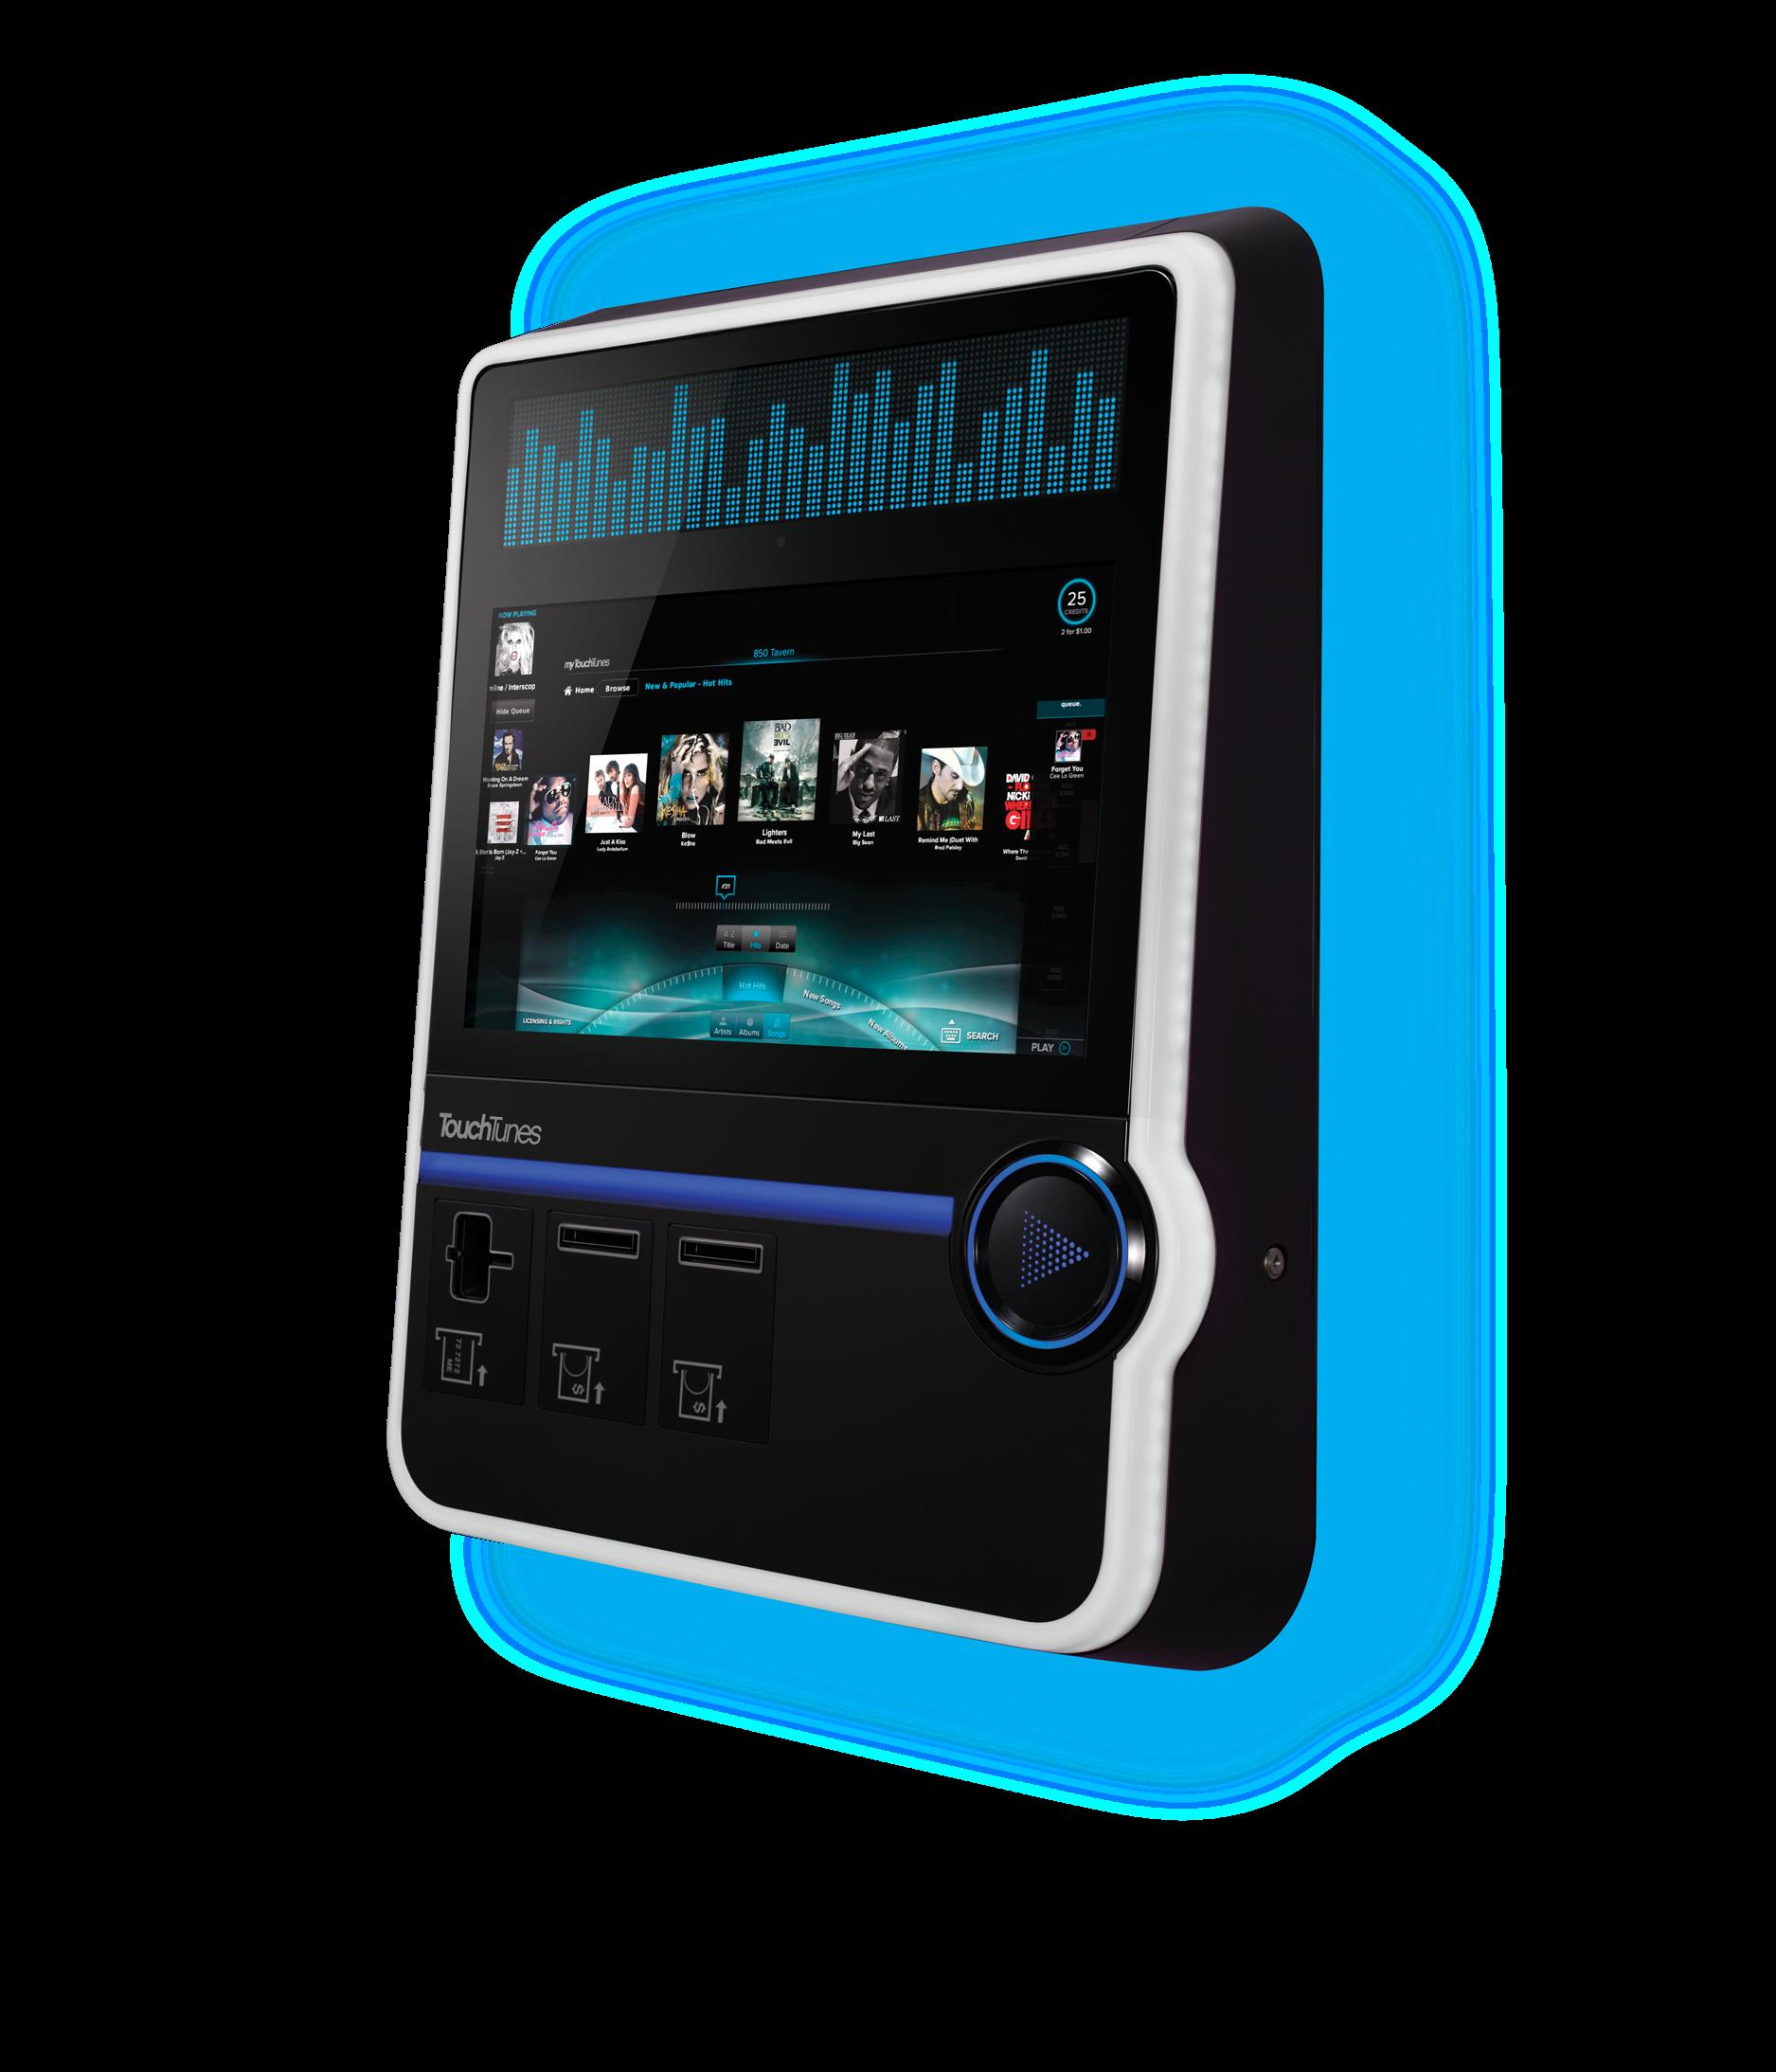 Entertainment Machine - Virtuo Jukebox